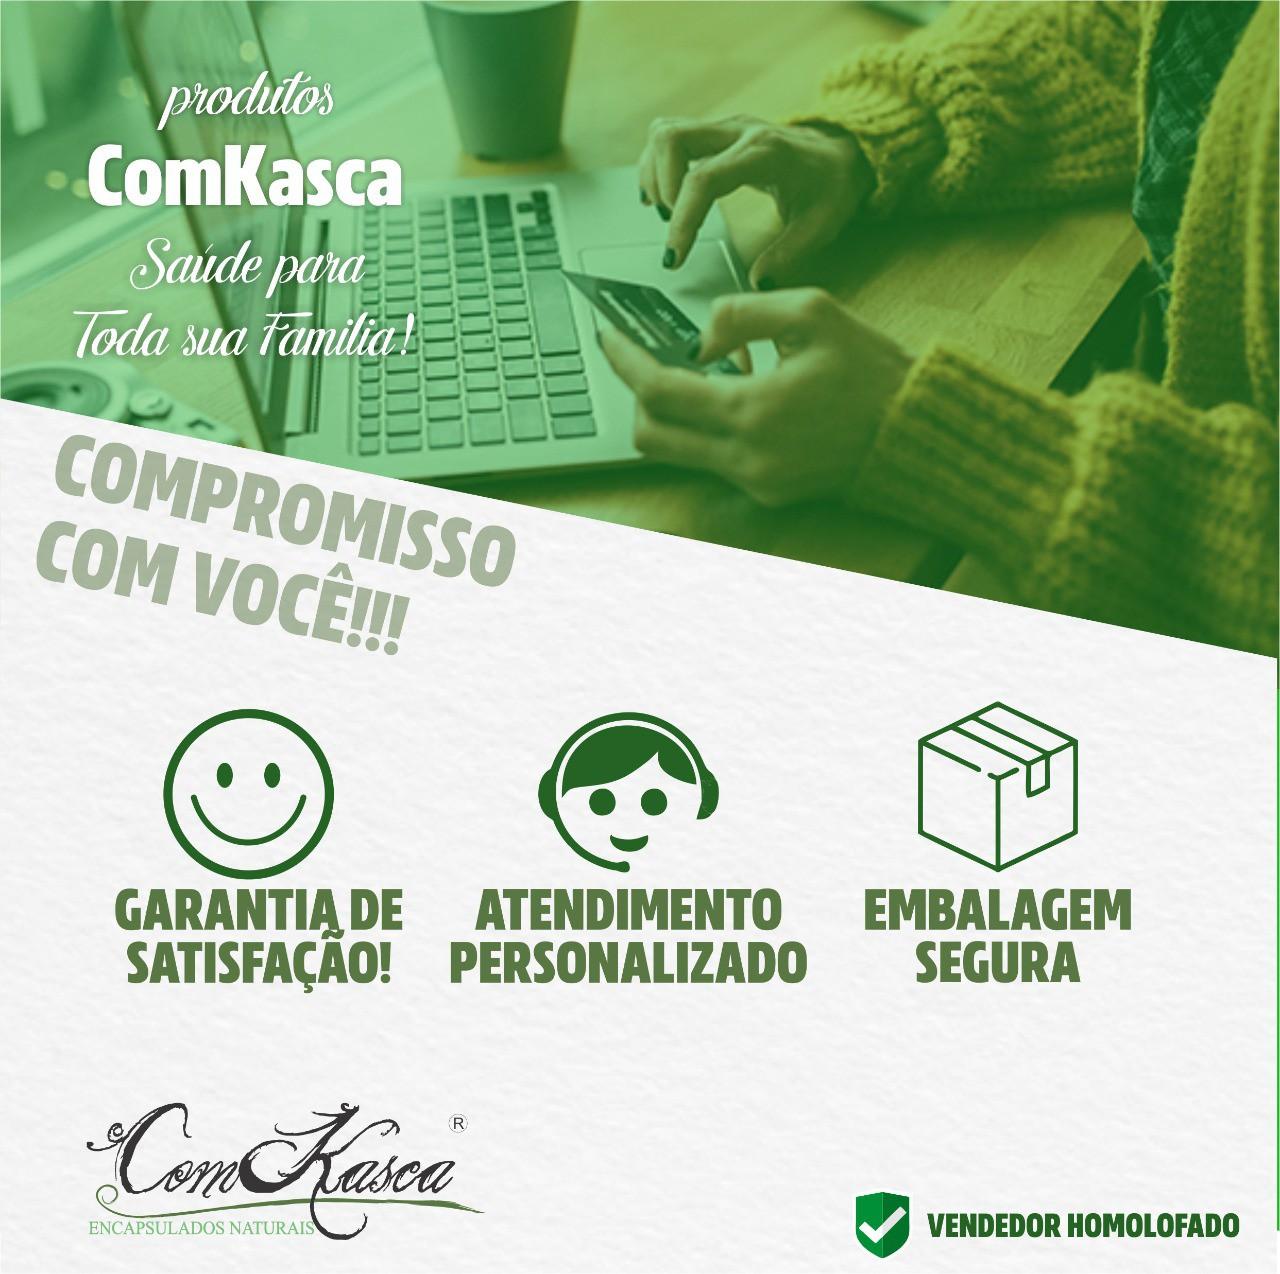 6 Frascos De (green-shape) Emagrecedor Comkasca